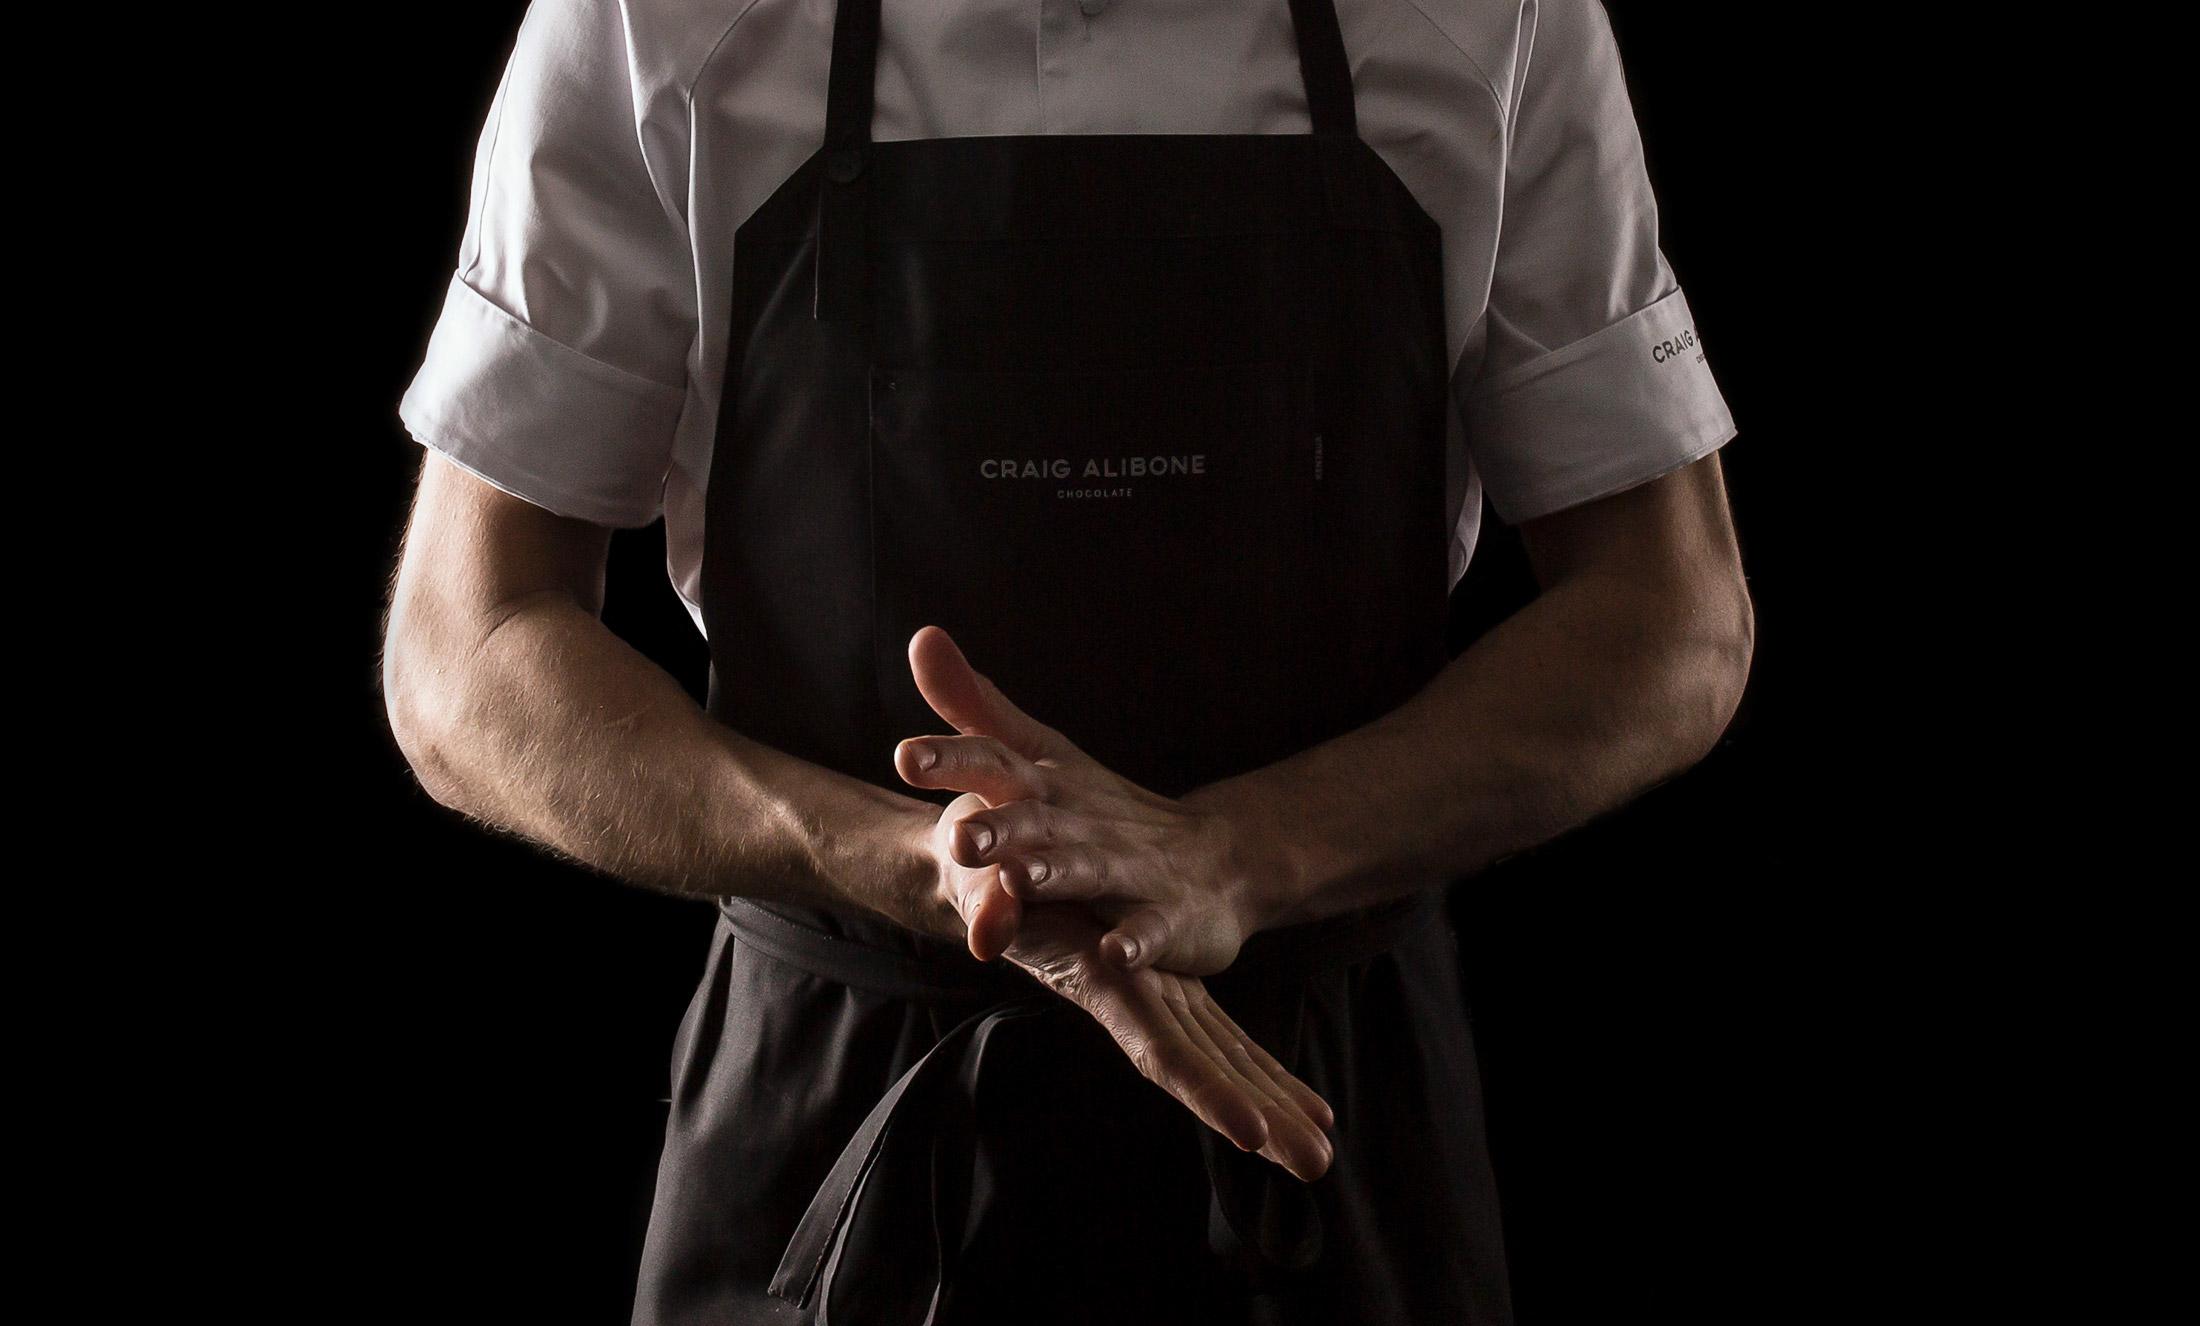 Craig Alibone Chocolate 品牌推广插图(19)